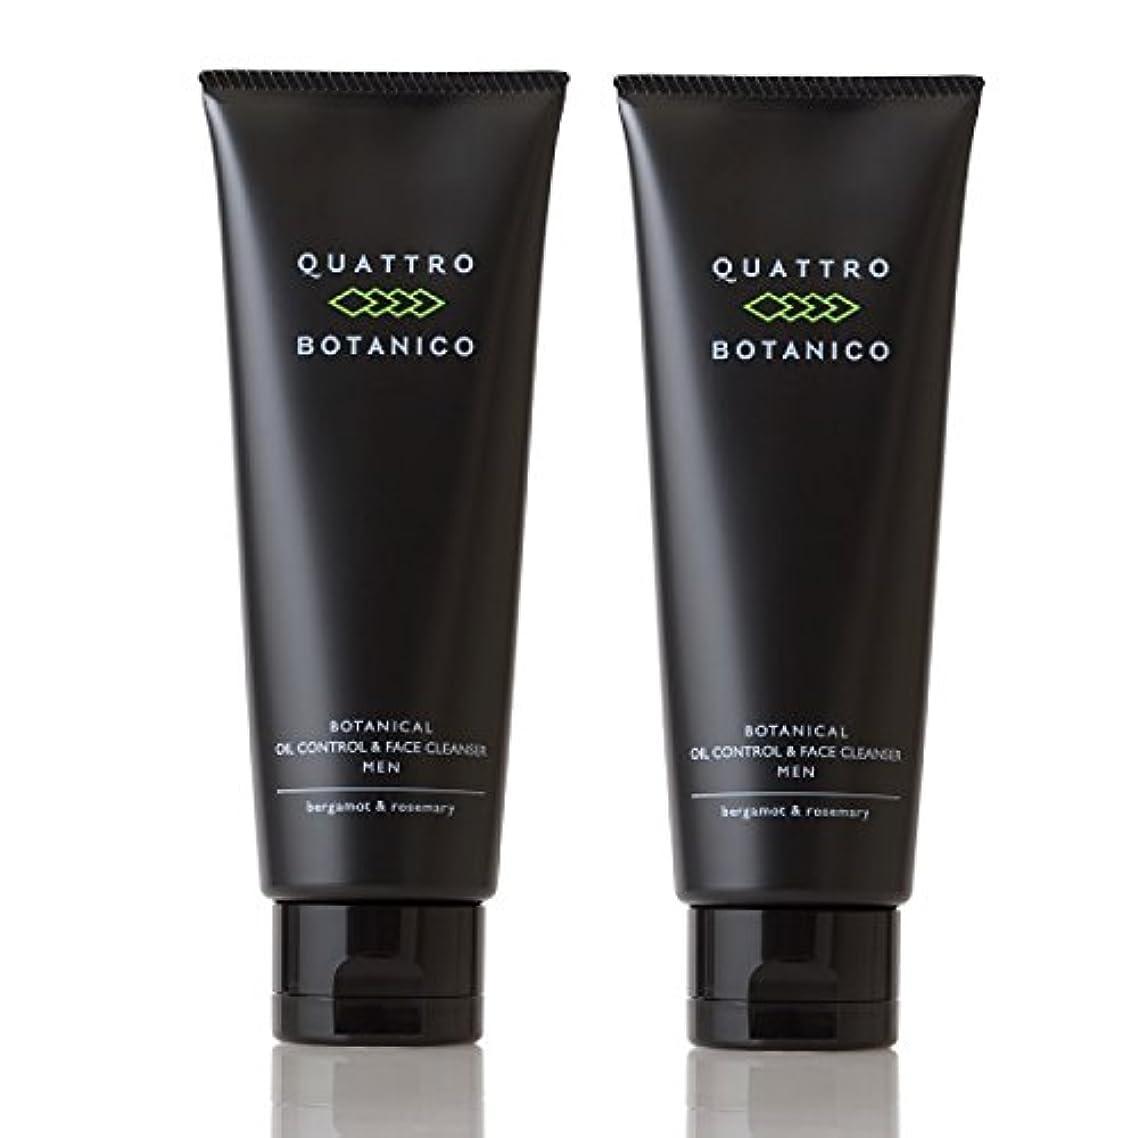 トピックトリクル弁護士クワトロボタニコ (QUATTRO BOTANICO) 【 メンズ 洗顔 】 ボタニカル オイルコントロール & フェイスクレンザー (男性 スキンケア) 《お得な2本セット》 120g × 2本